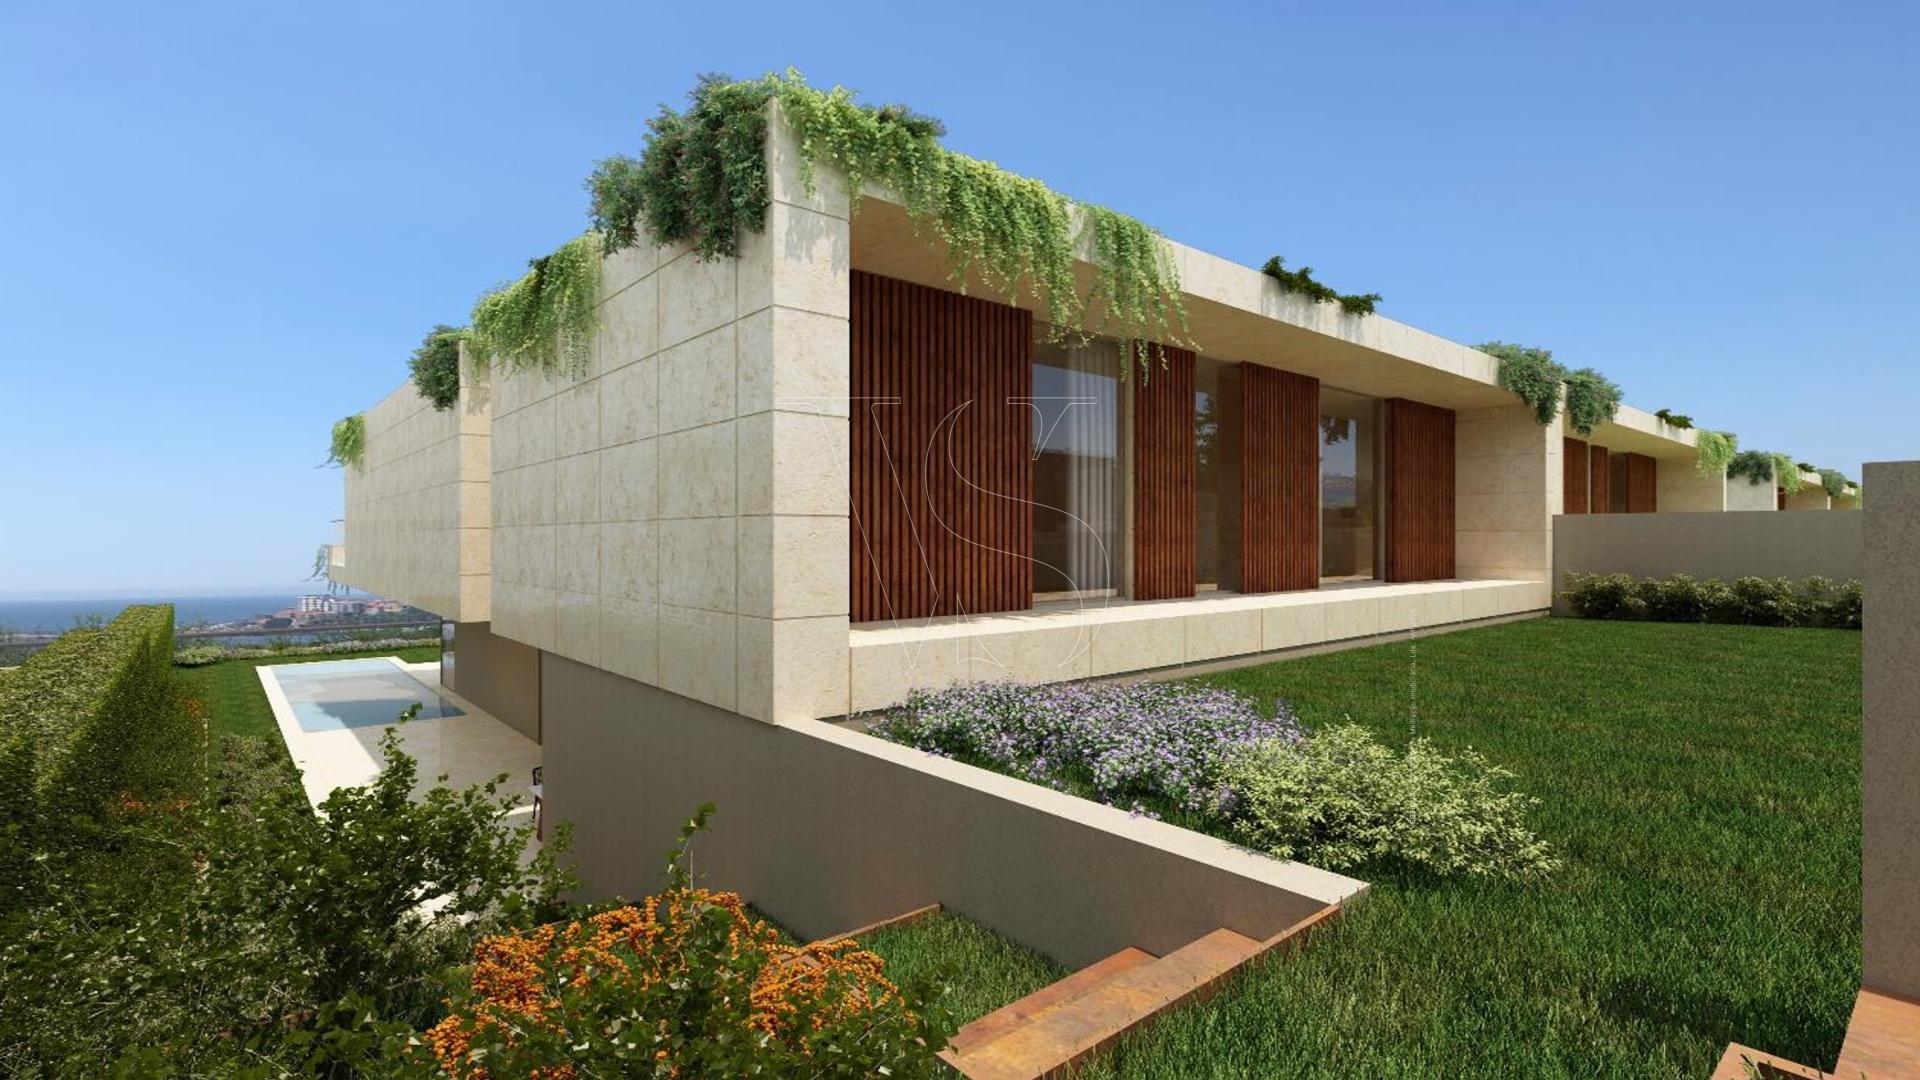 Lote de Terreno - 535 m2 - Twin Villa na Quinta Marques Gomes